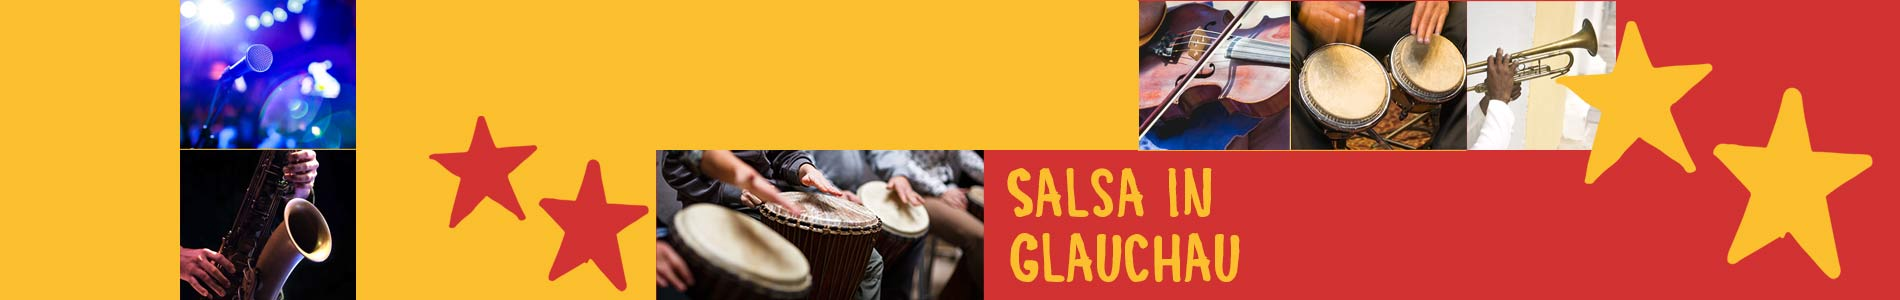 Salsa in Glauchau – Salsa lernen und tanzen, Tanzkurse, Partys, Veranstaltungen